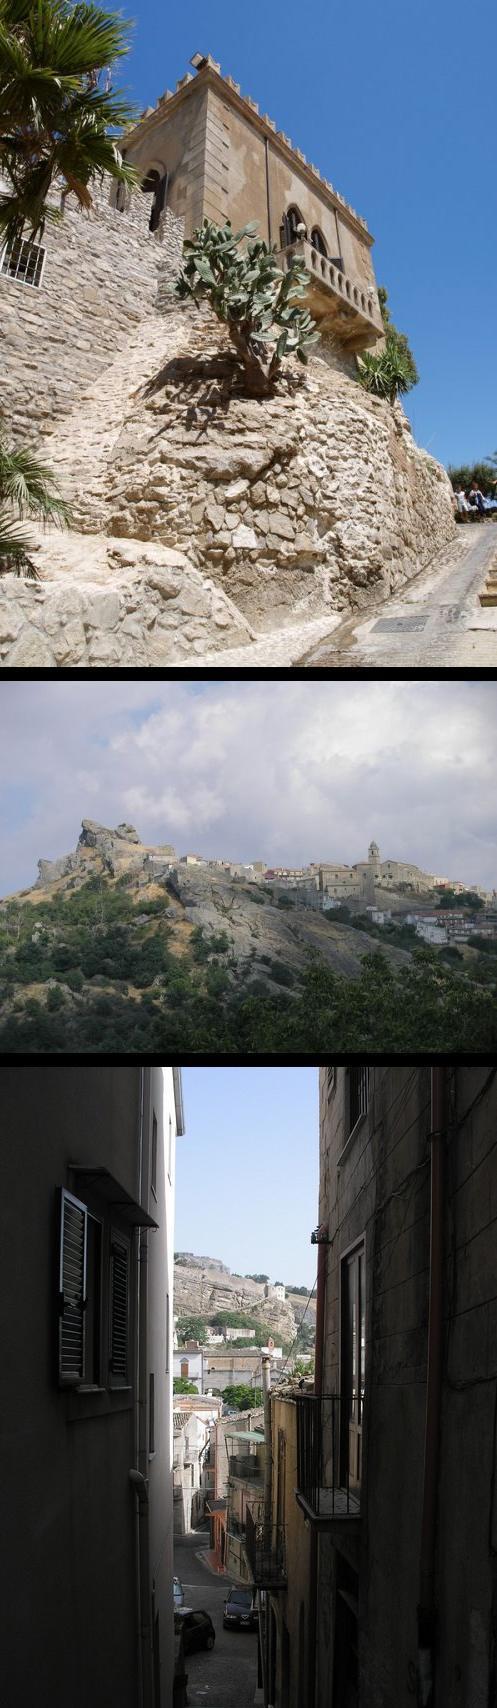 Hrad v Siculianě (nahoře); Cerami (uprostřed); Ulička v Corleone (dole)